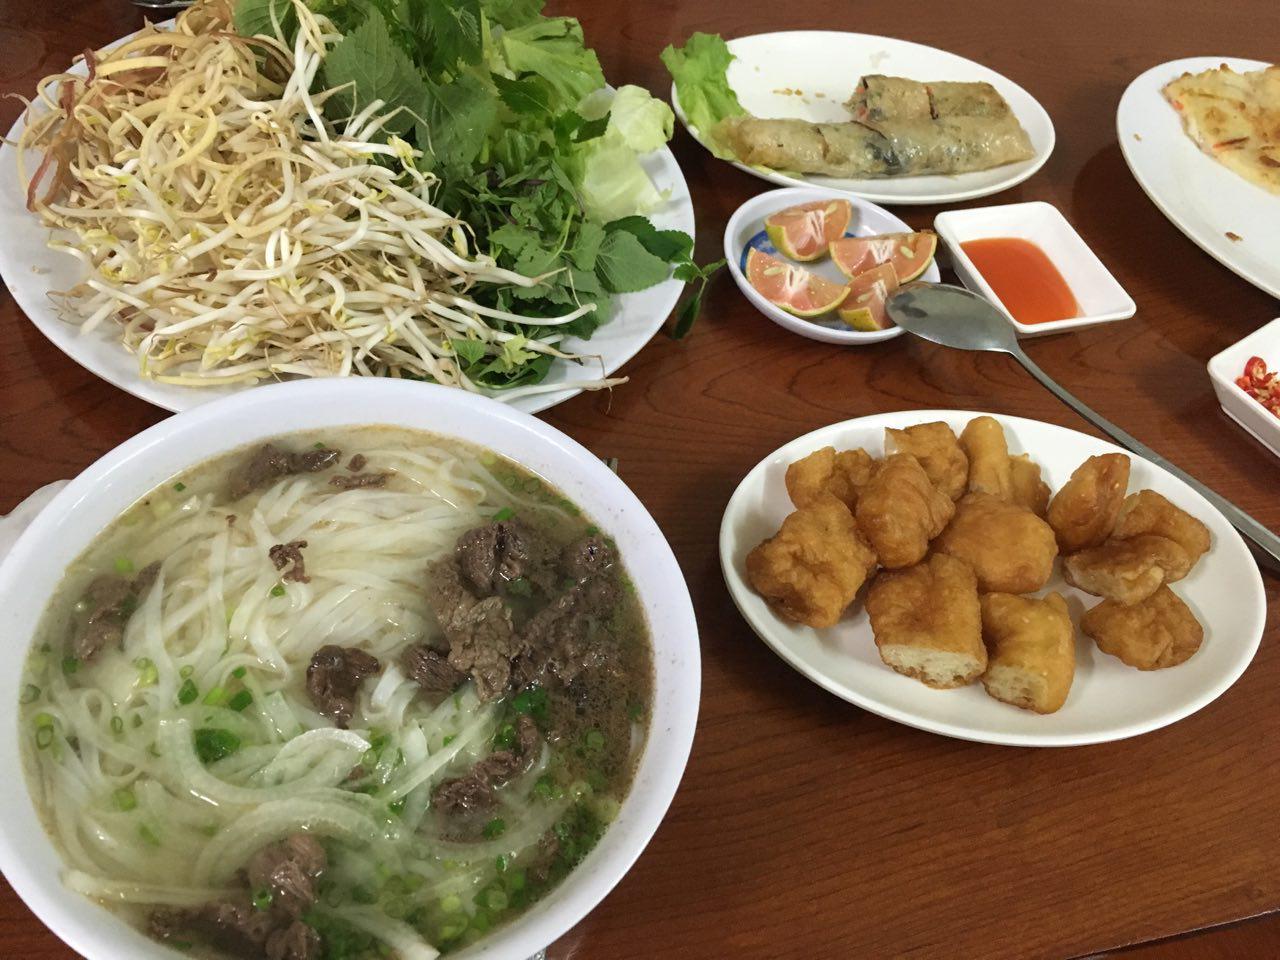 점심으로 먹은 쌀국수. 한국인이 운영하는 단체식당이라 그런지 한국 음식과 비슷한 맛이었다. 현지 음식을 먹어보고 싶던 우리에게는 좀 아쉬웠다.